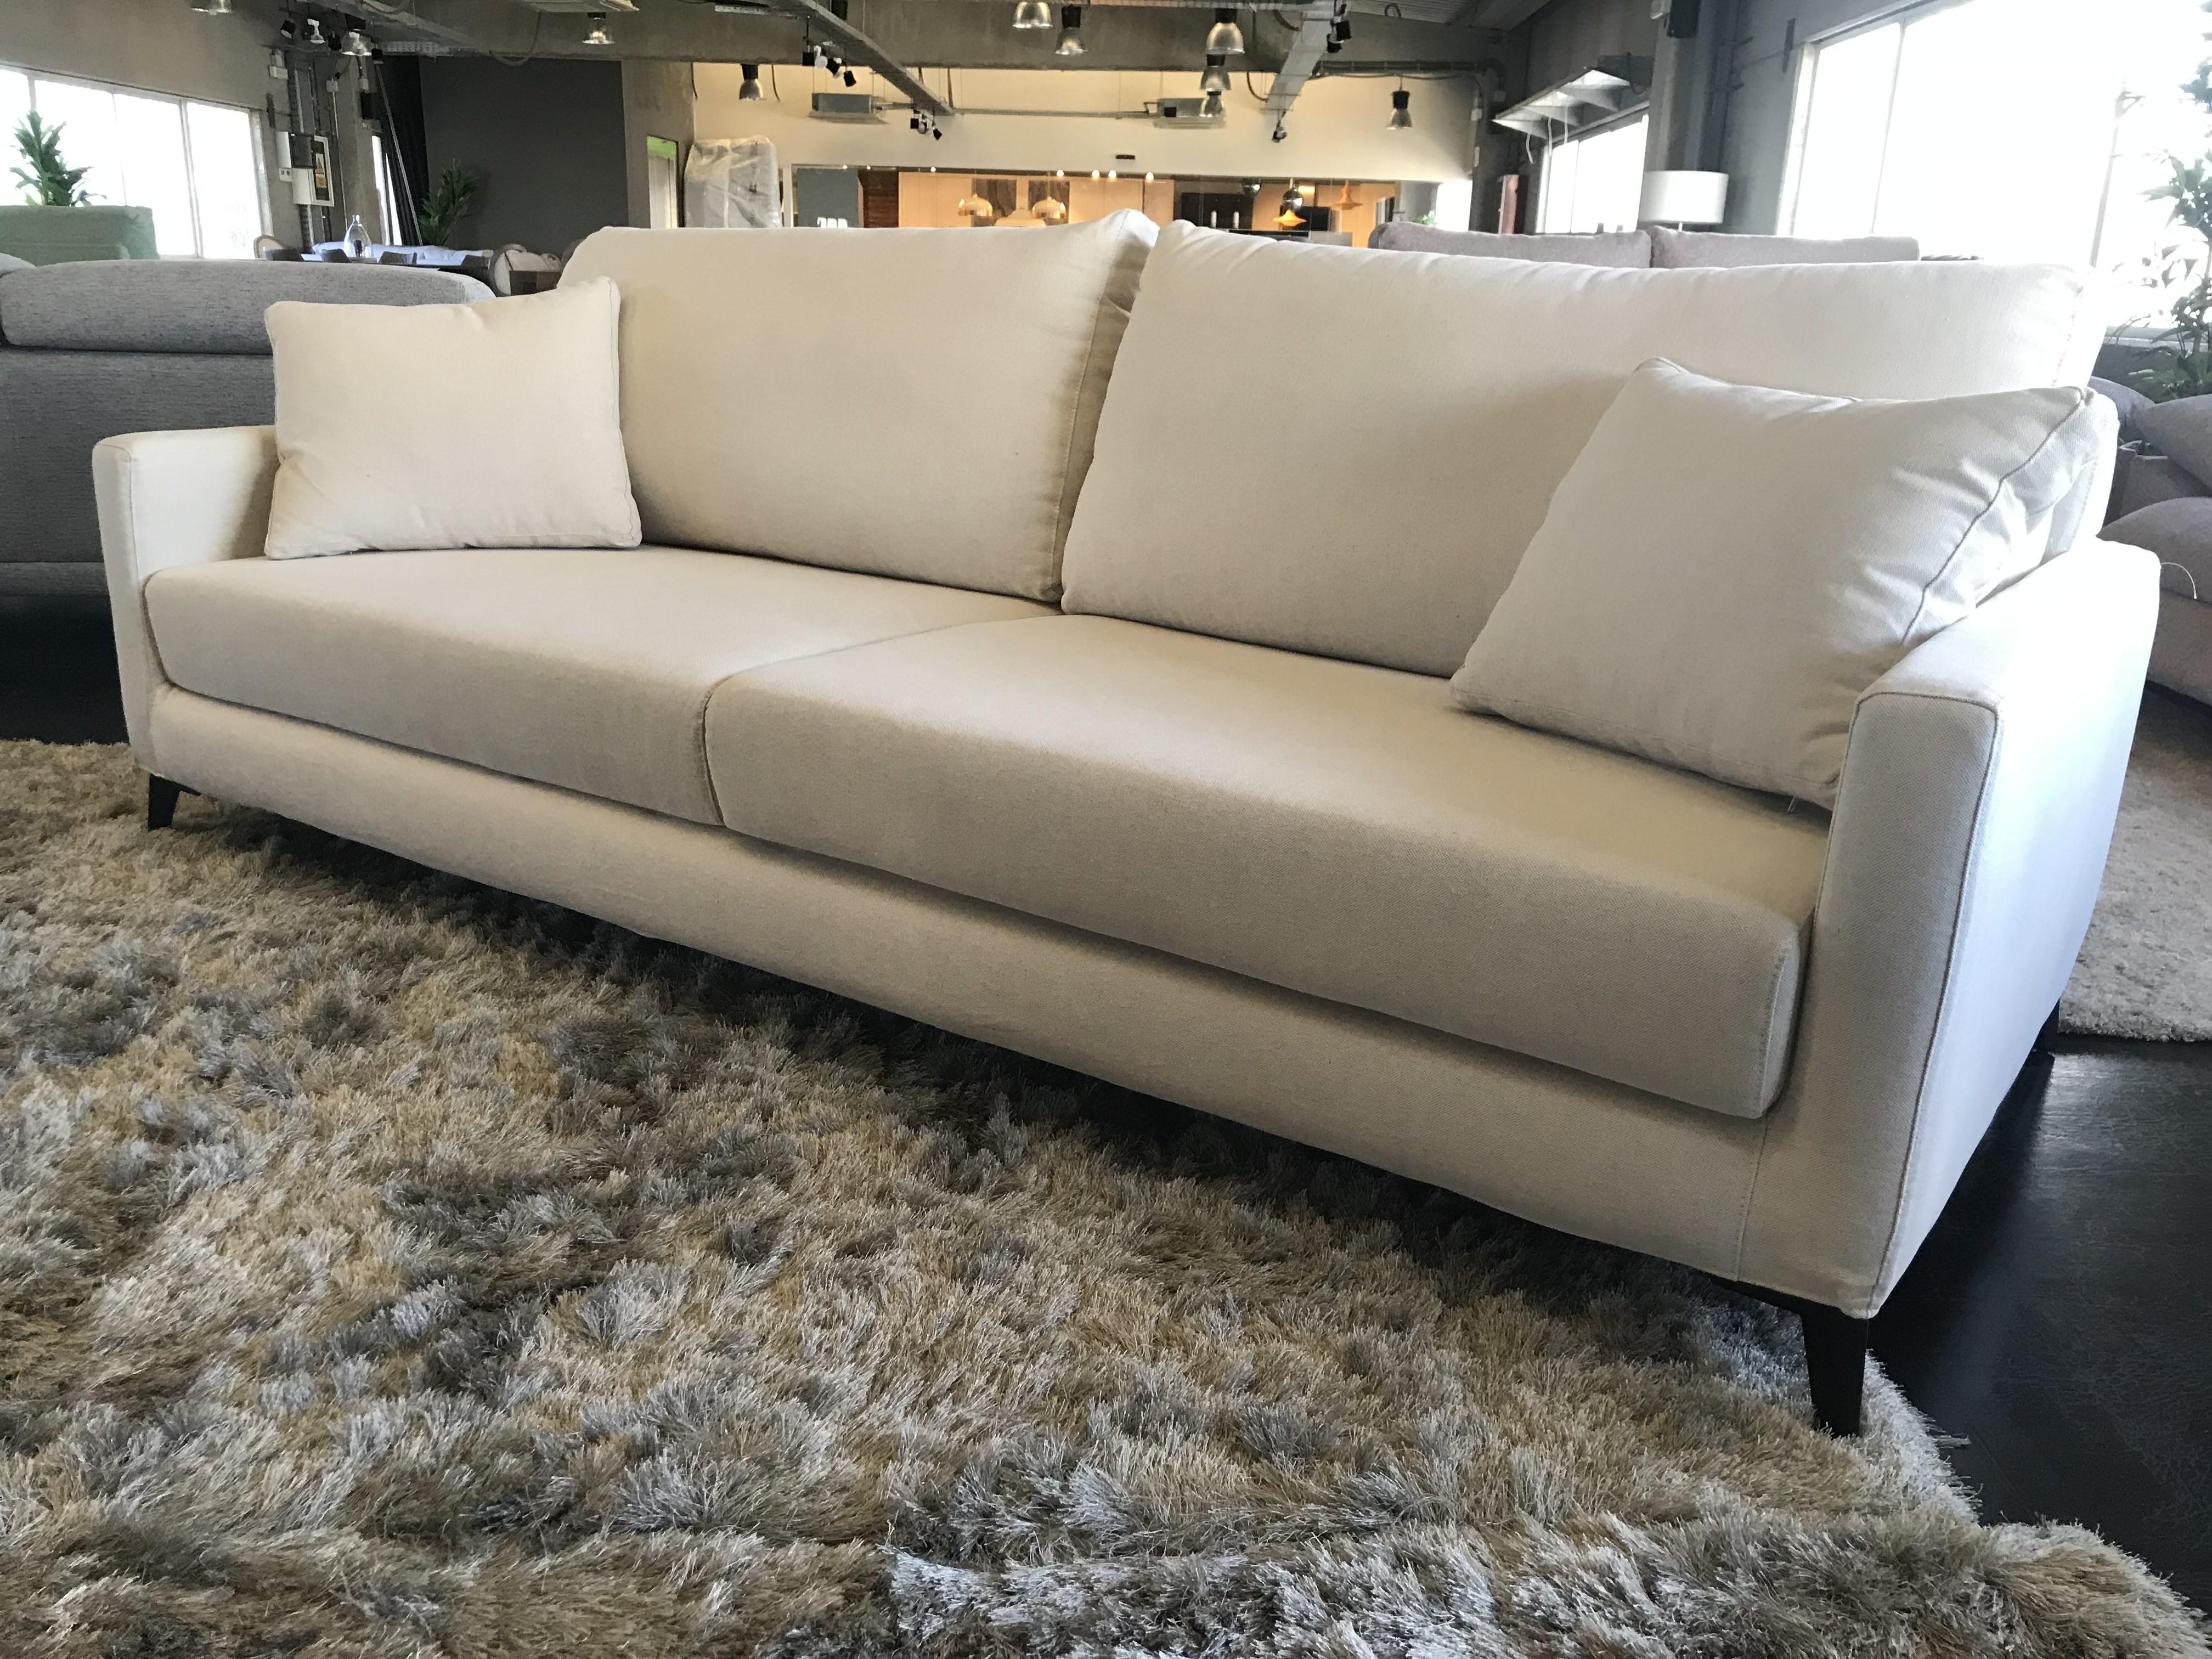 Sofas baratos online outlet baci living room for Outlet de muebles online